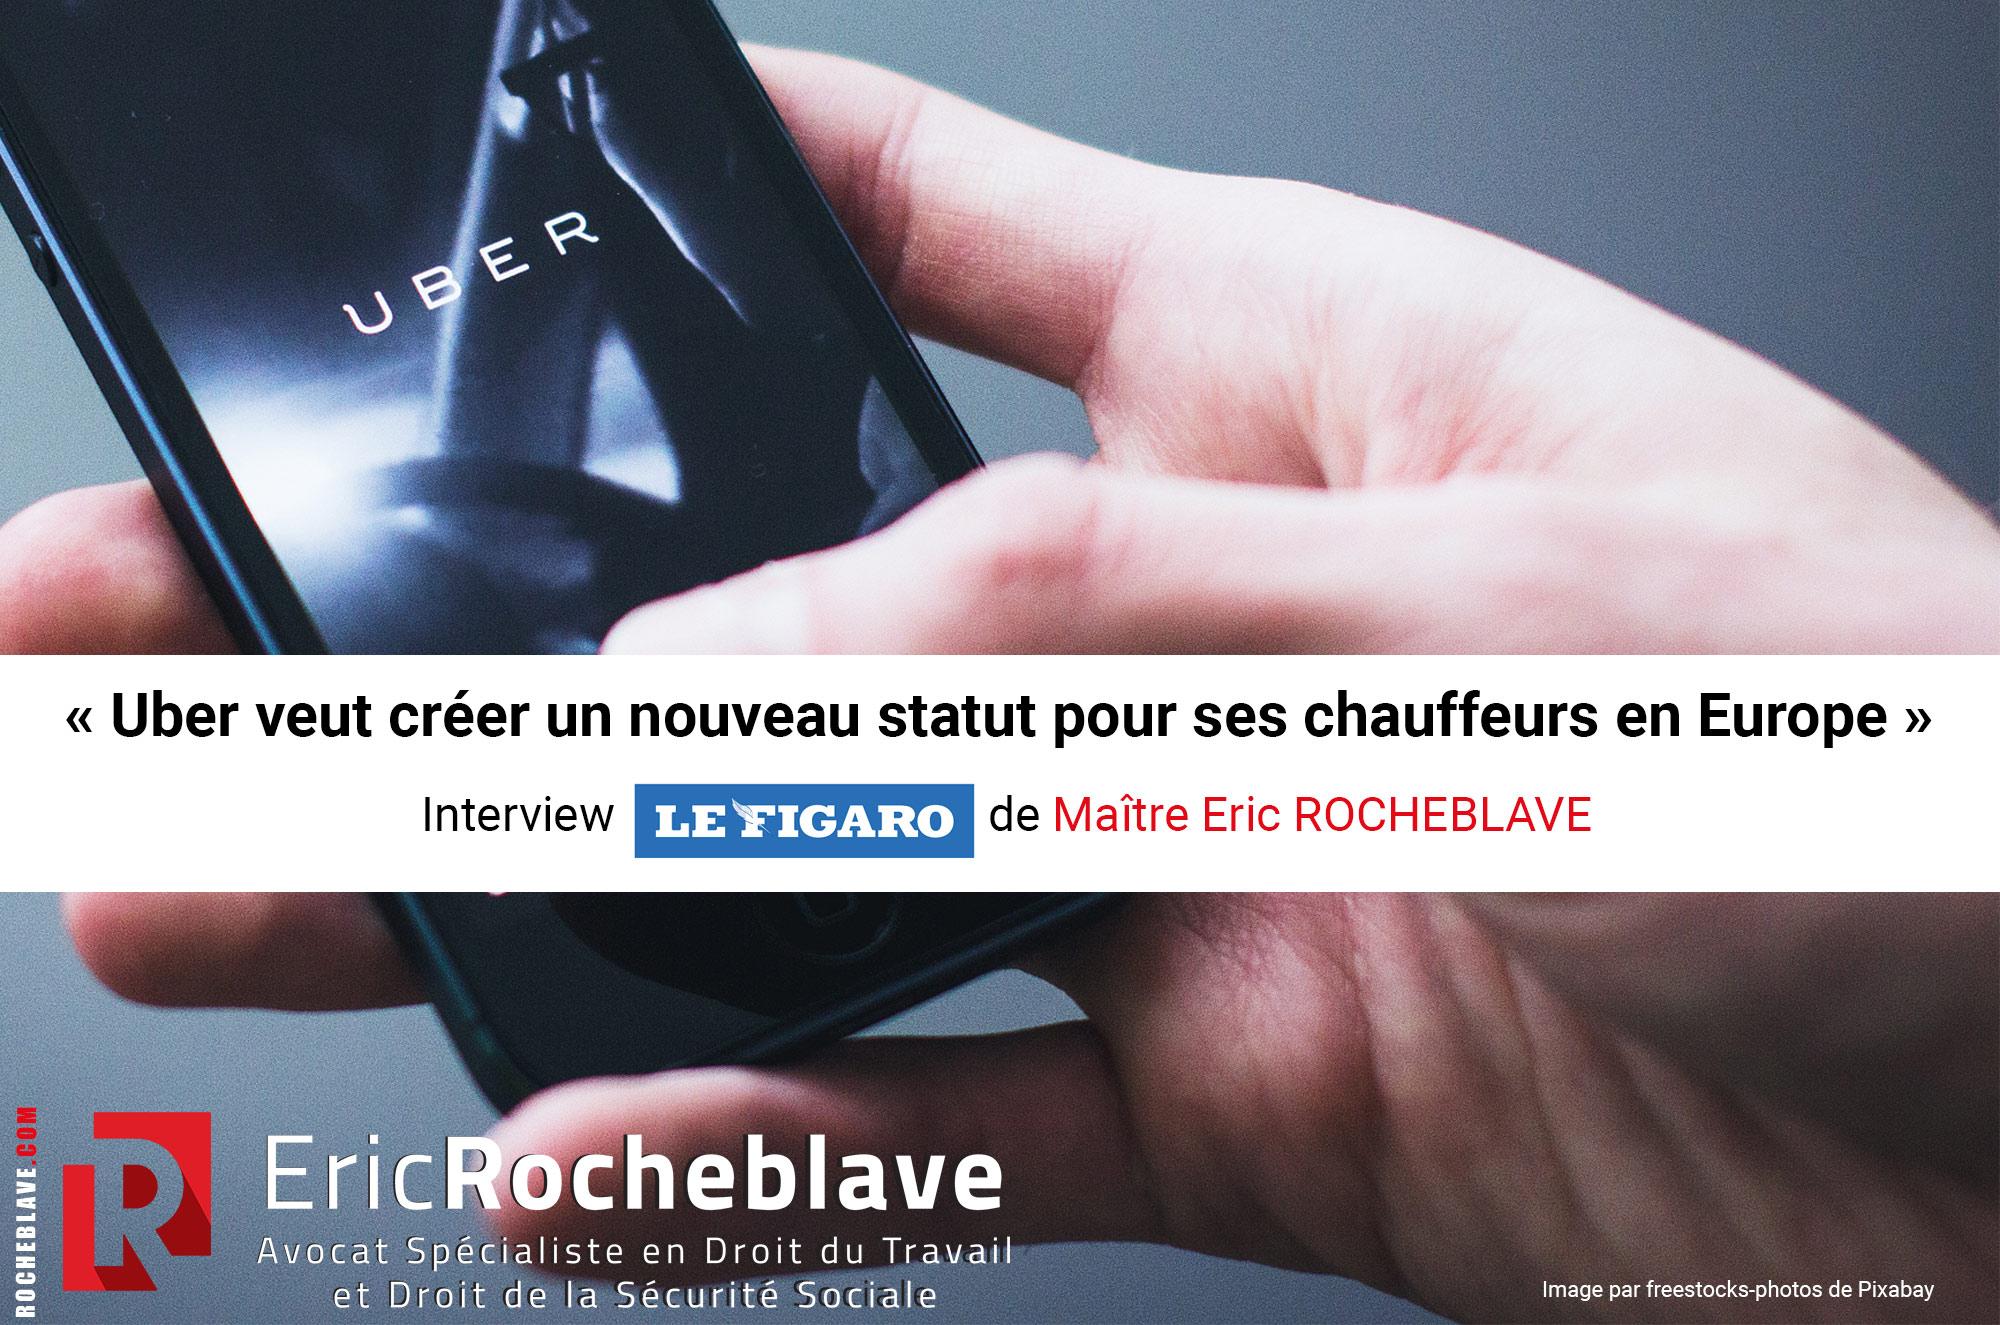 « Uber veut créer un nouveau statut pour ses chauffeurs en Europe » Interview Le Figaro de Maître Eric ROCHEBLAVE